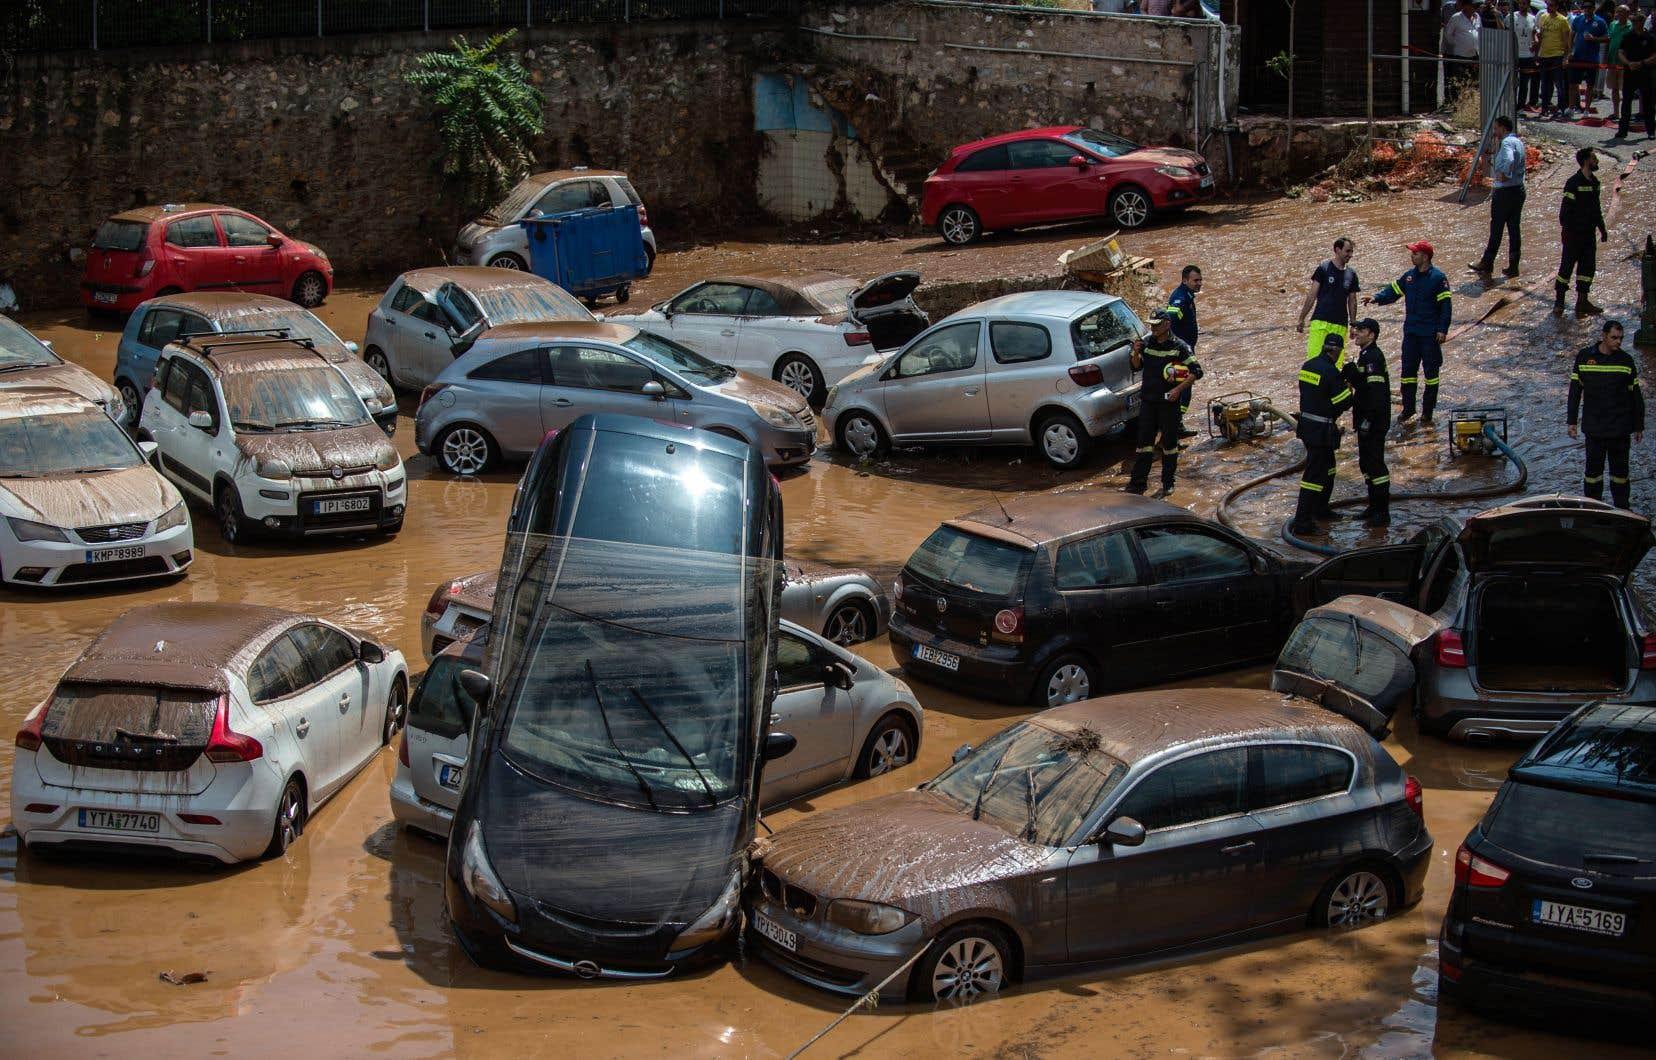 Des secouristes s'affairaient près de voitures qui ont été emportées par les flots à la suite d'inondations provoquées par de fortes pluies dans le nord d'Athènes.